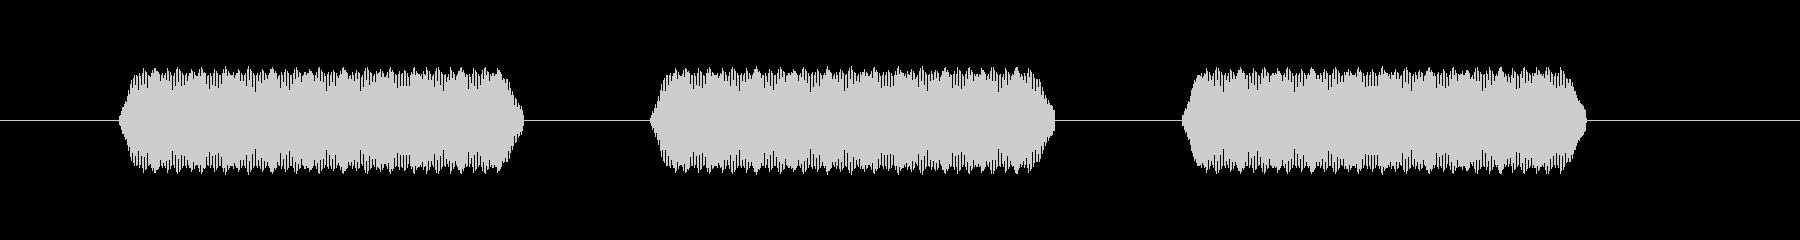 【汎用・セリフ音等】ピピピ(中)の未再生の波形